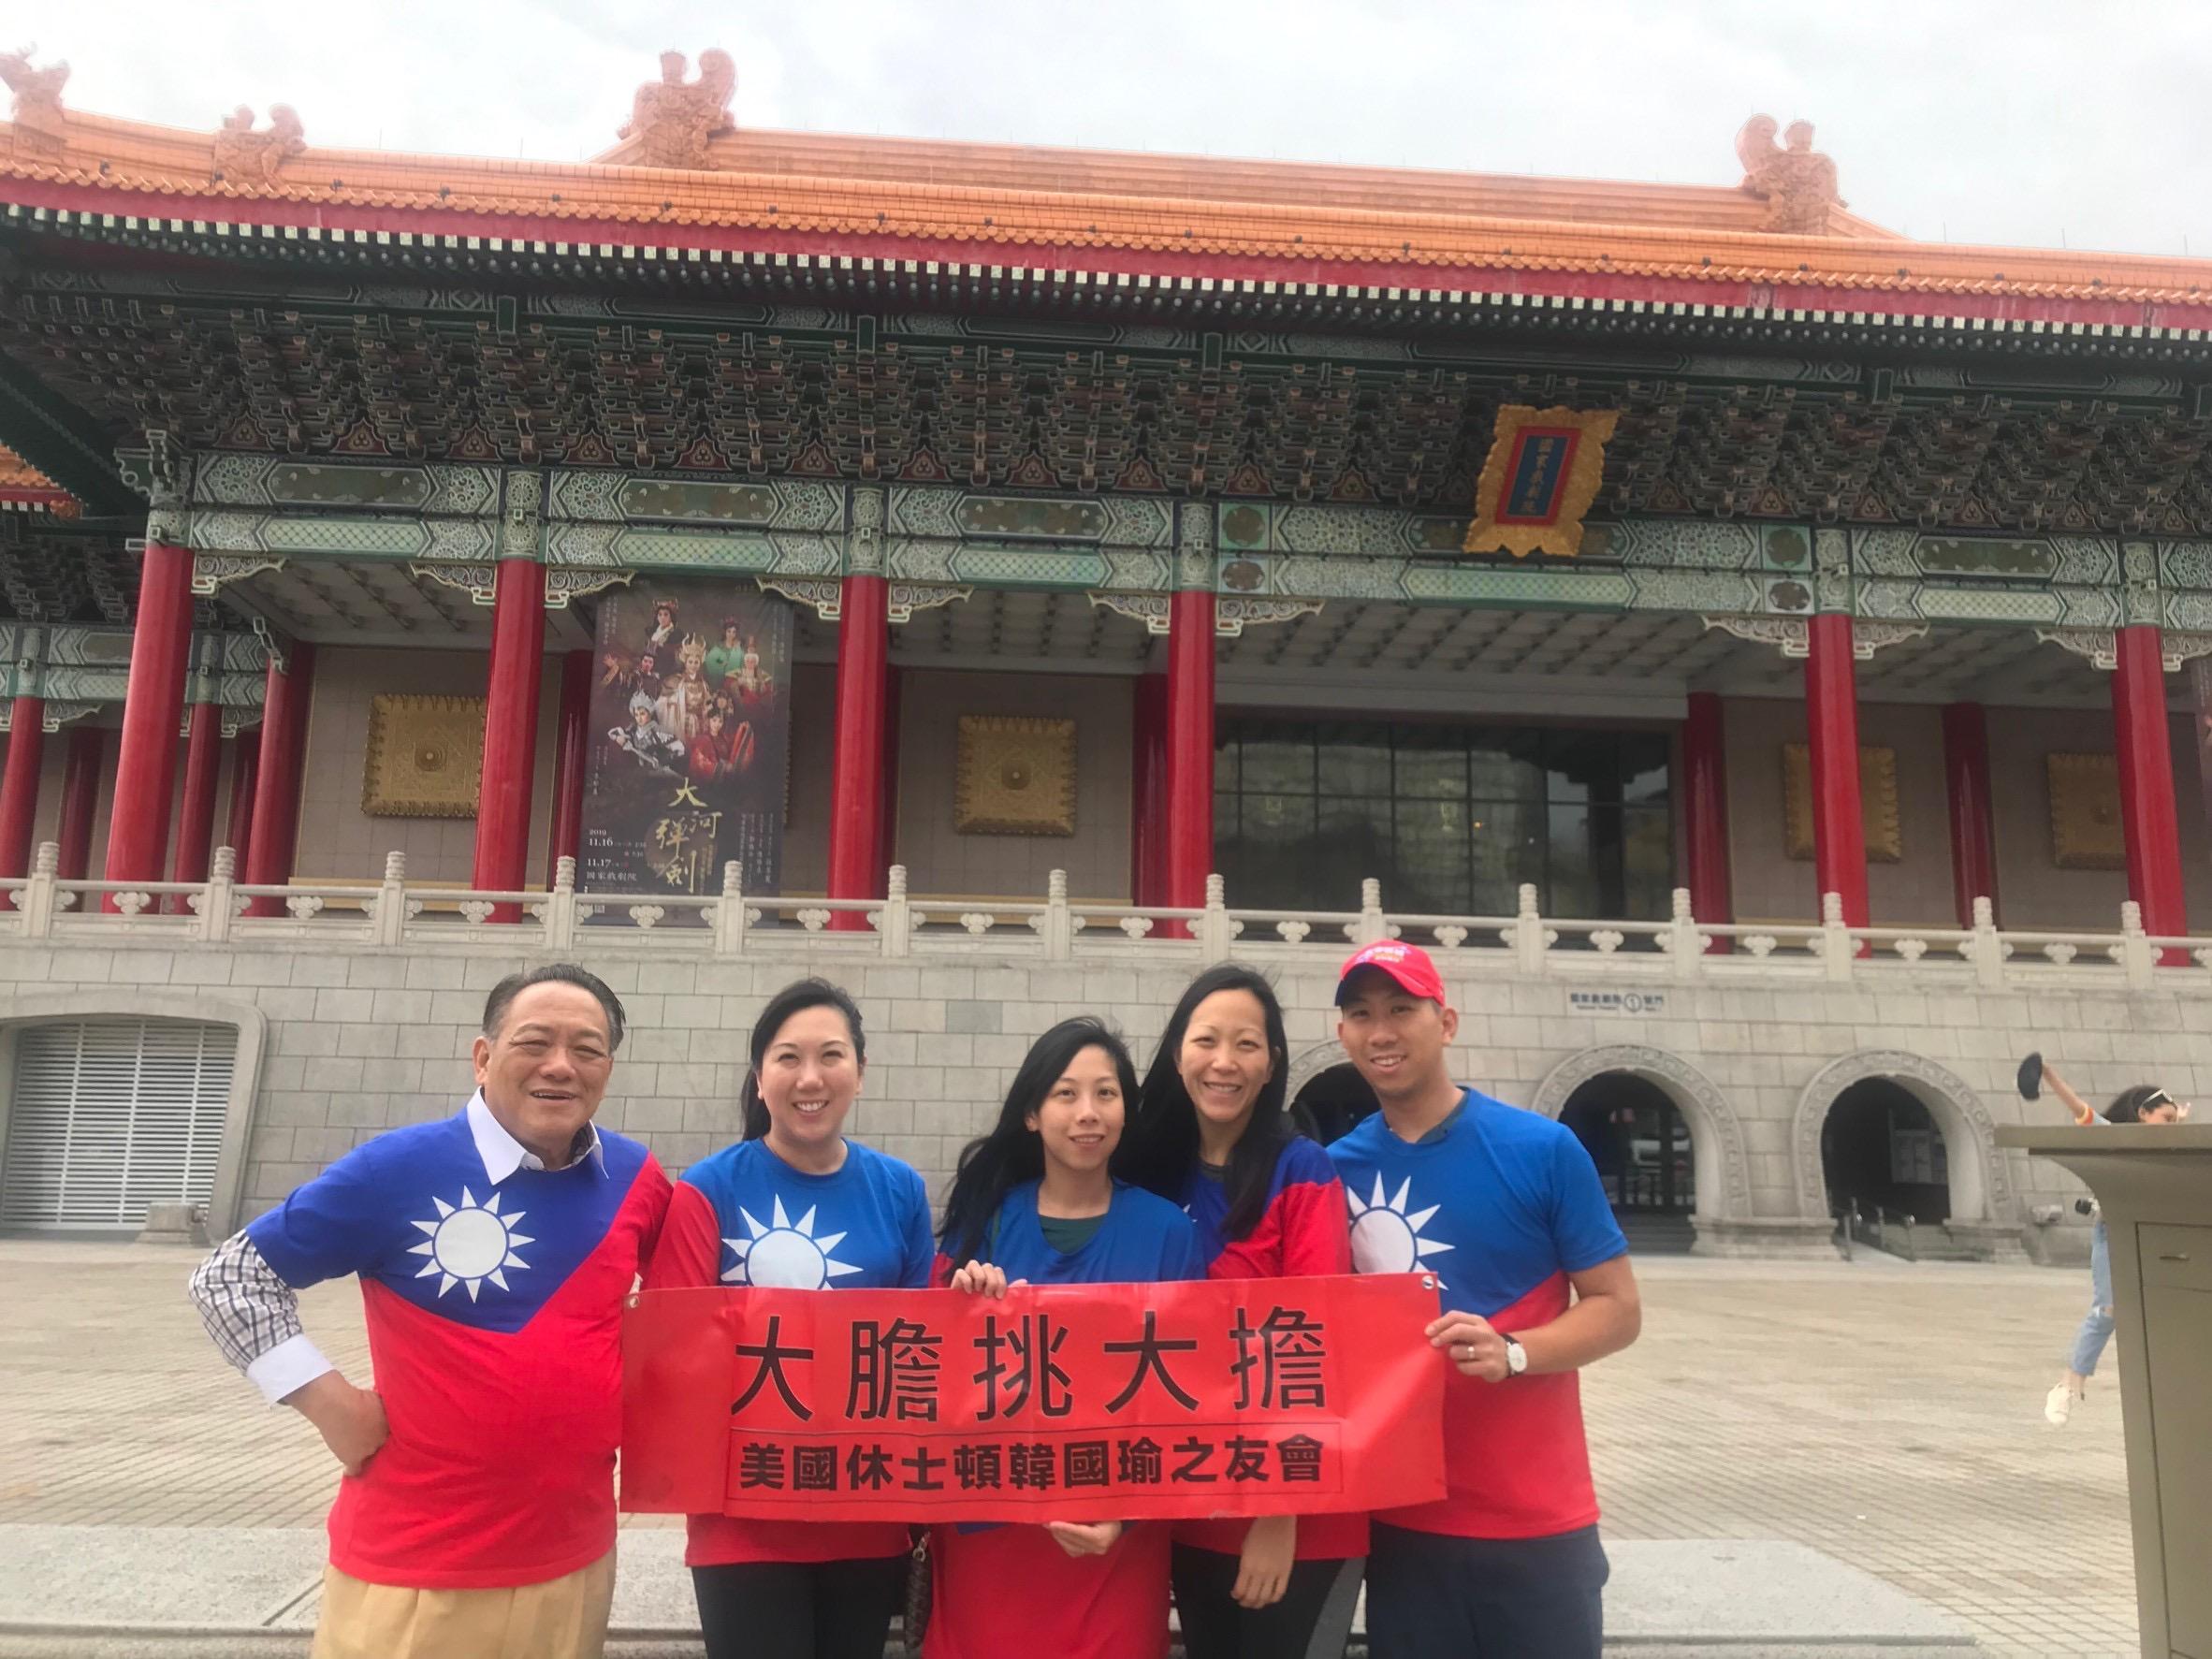 休士頓著名律師賴清陽(圖左)帶著四位傑出的兒女賴賢安(右起)、賴雅琪、頼雅嵐、、賴雅菲等在國家劇院前合影。(圖:賴李迎霞提供)